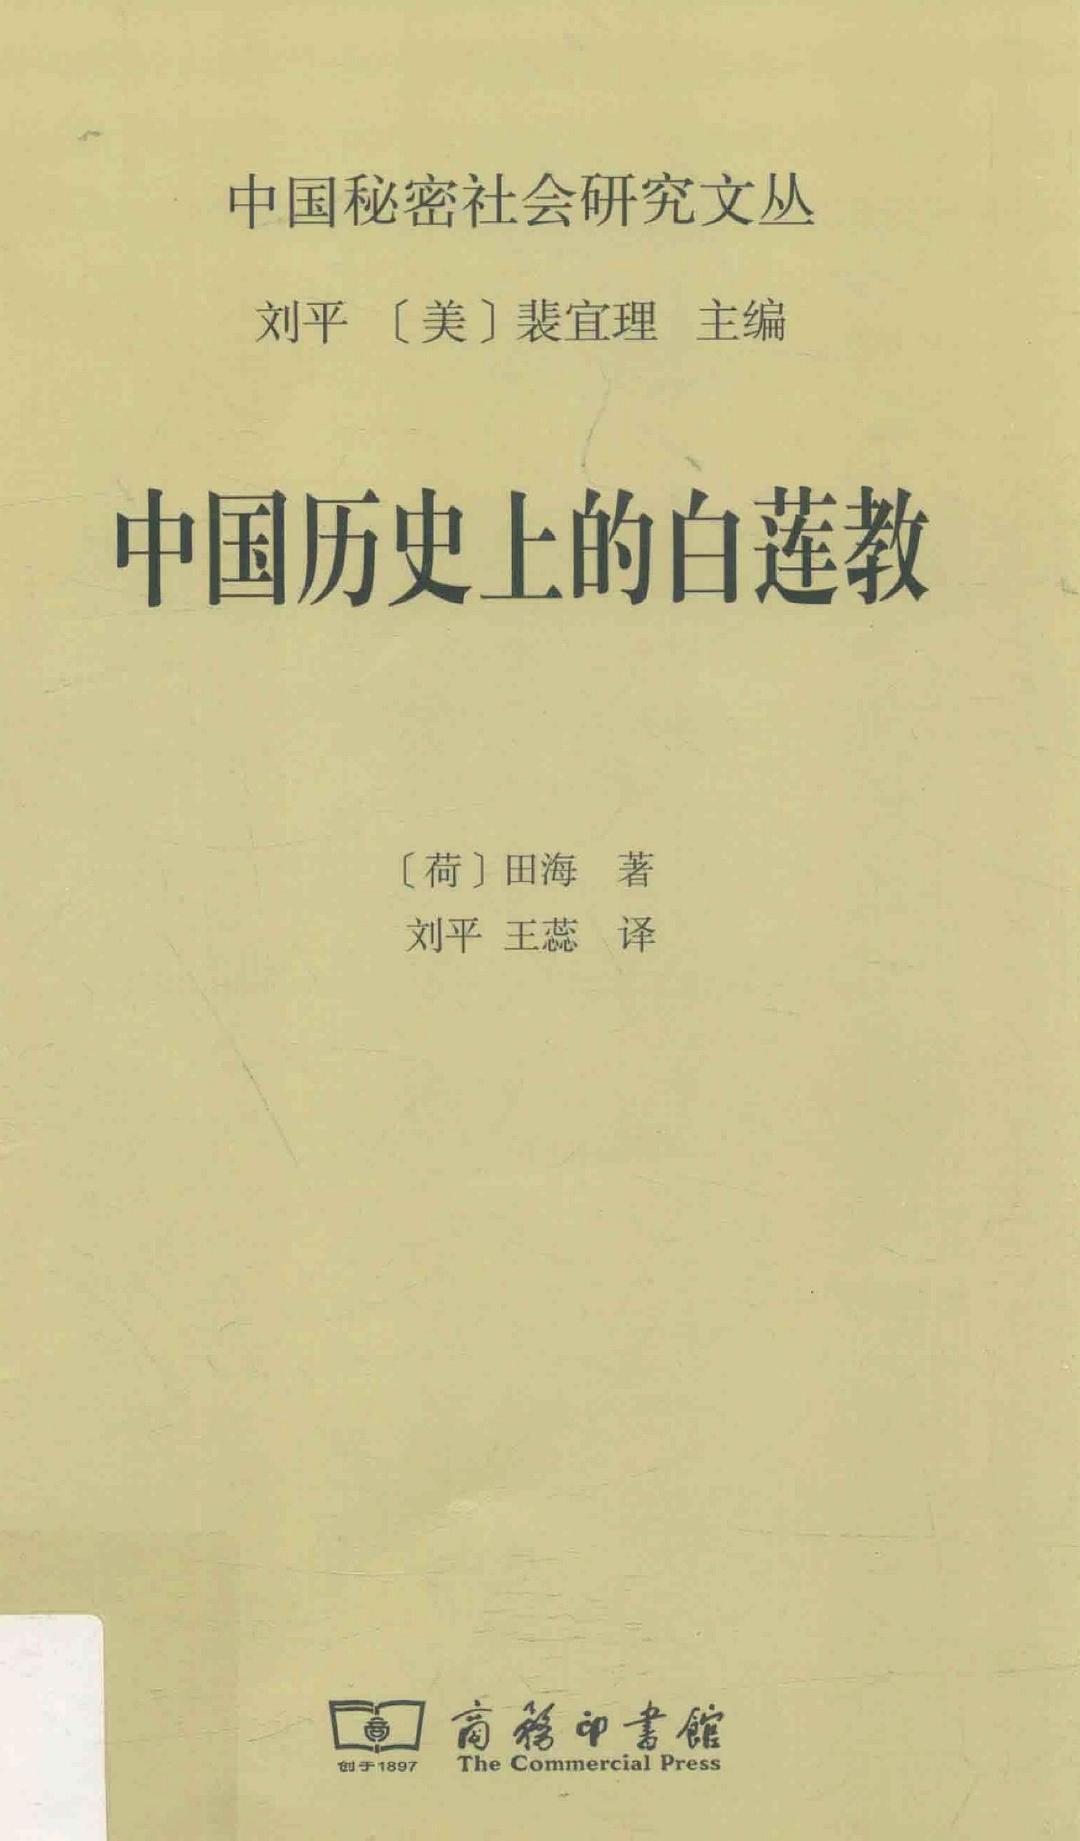 《中国历史上的白莲教》(图)